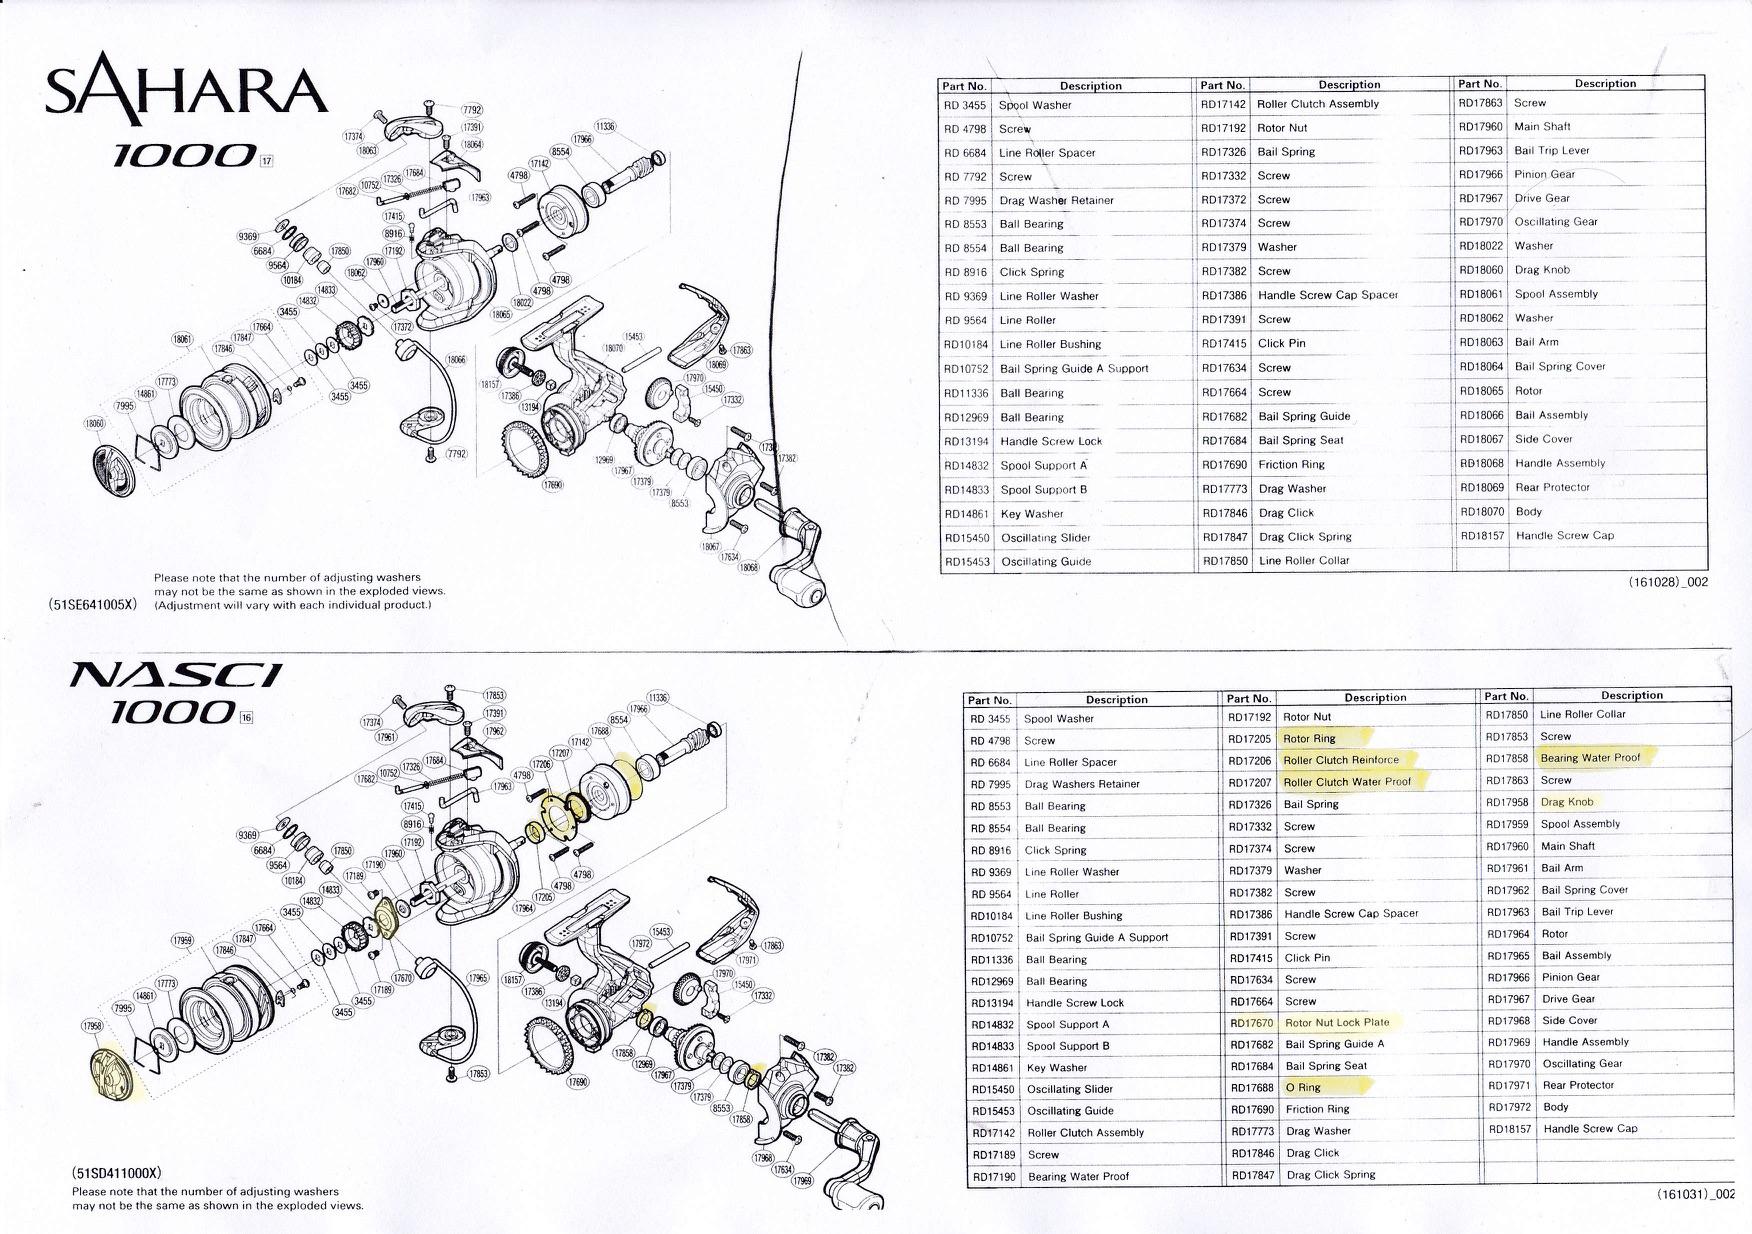 tabella caratterisrtiche sahara fi shimano